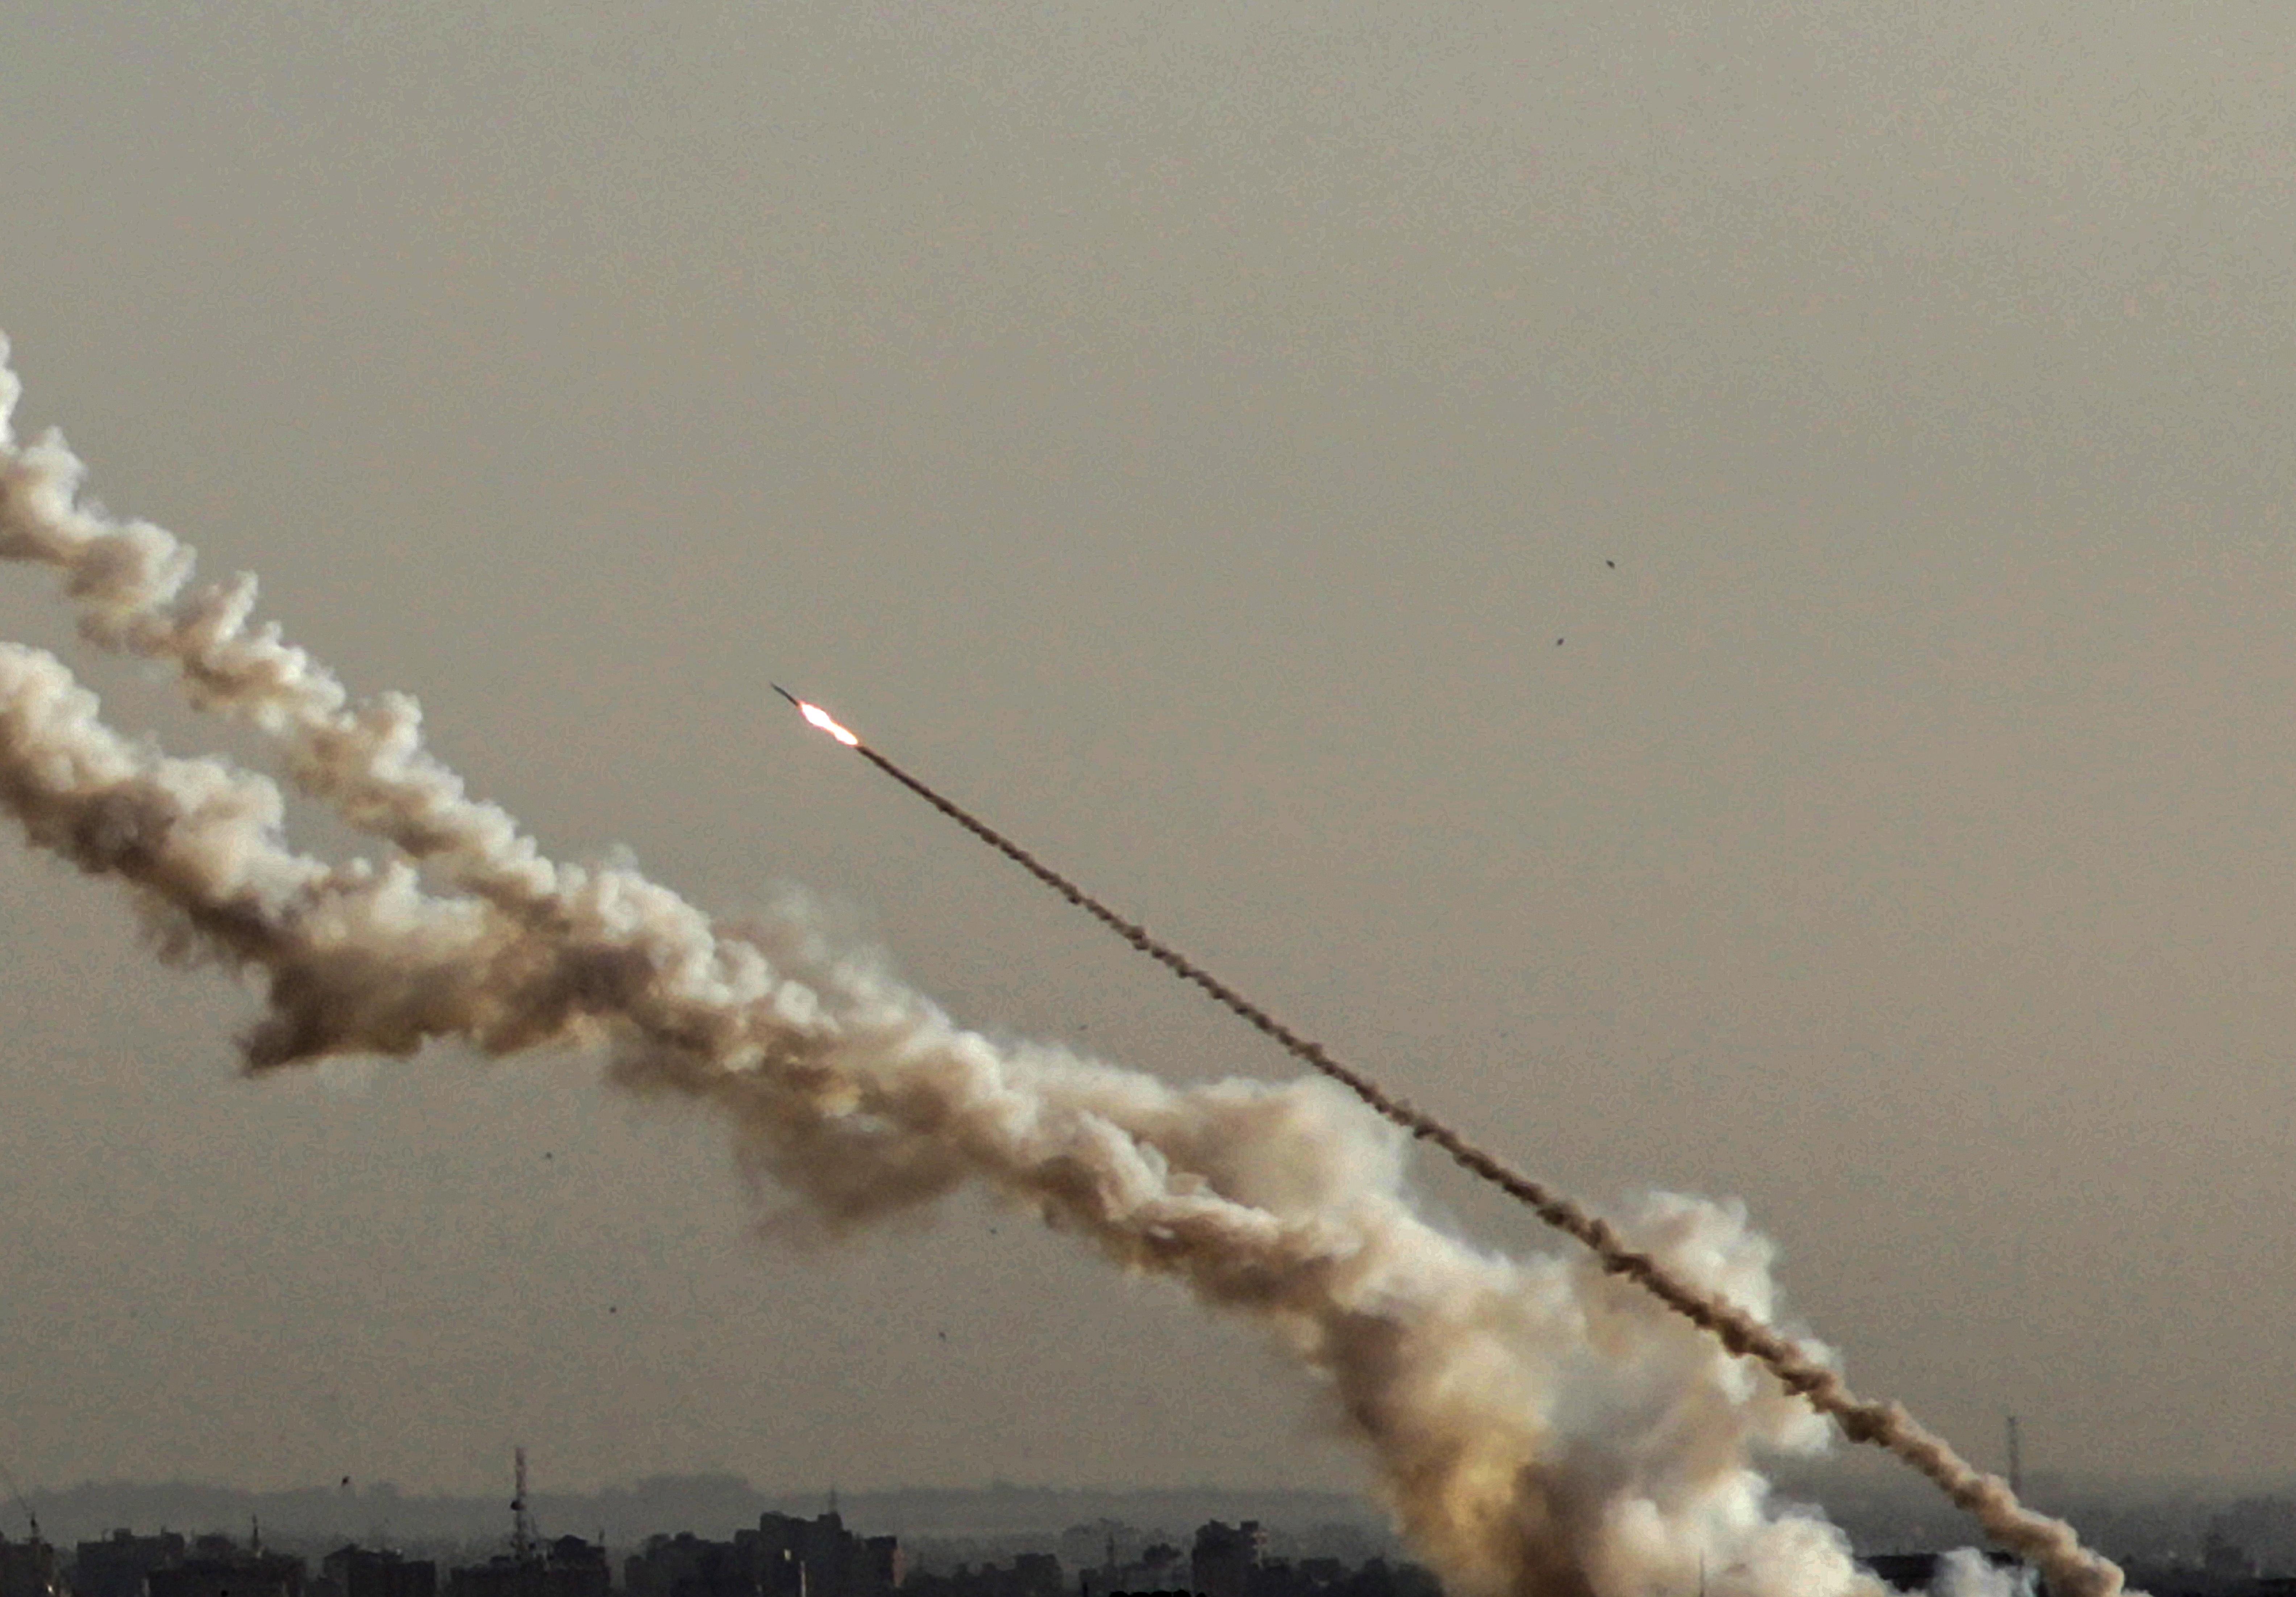 Közel 1300 rakétát lőttek ki Izraelre Gázából 2019-ben